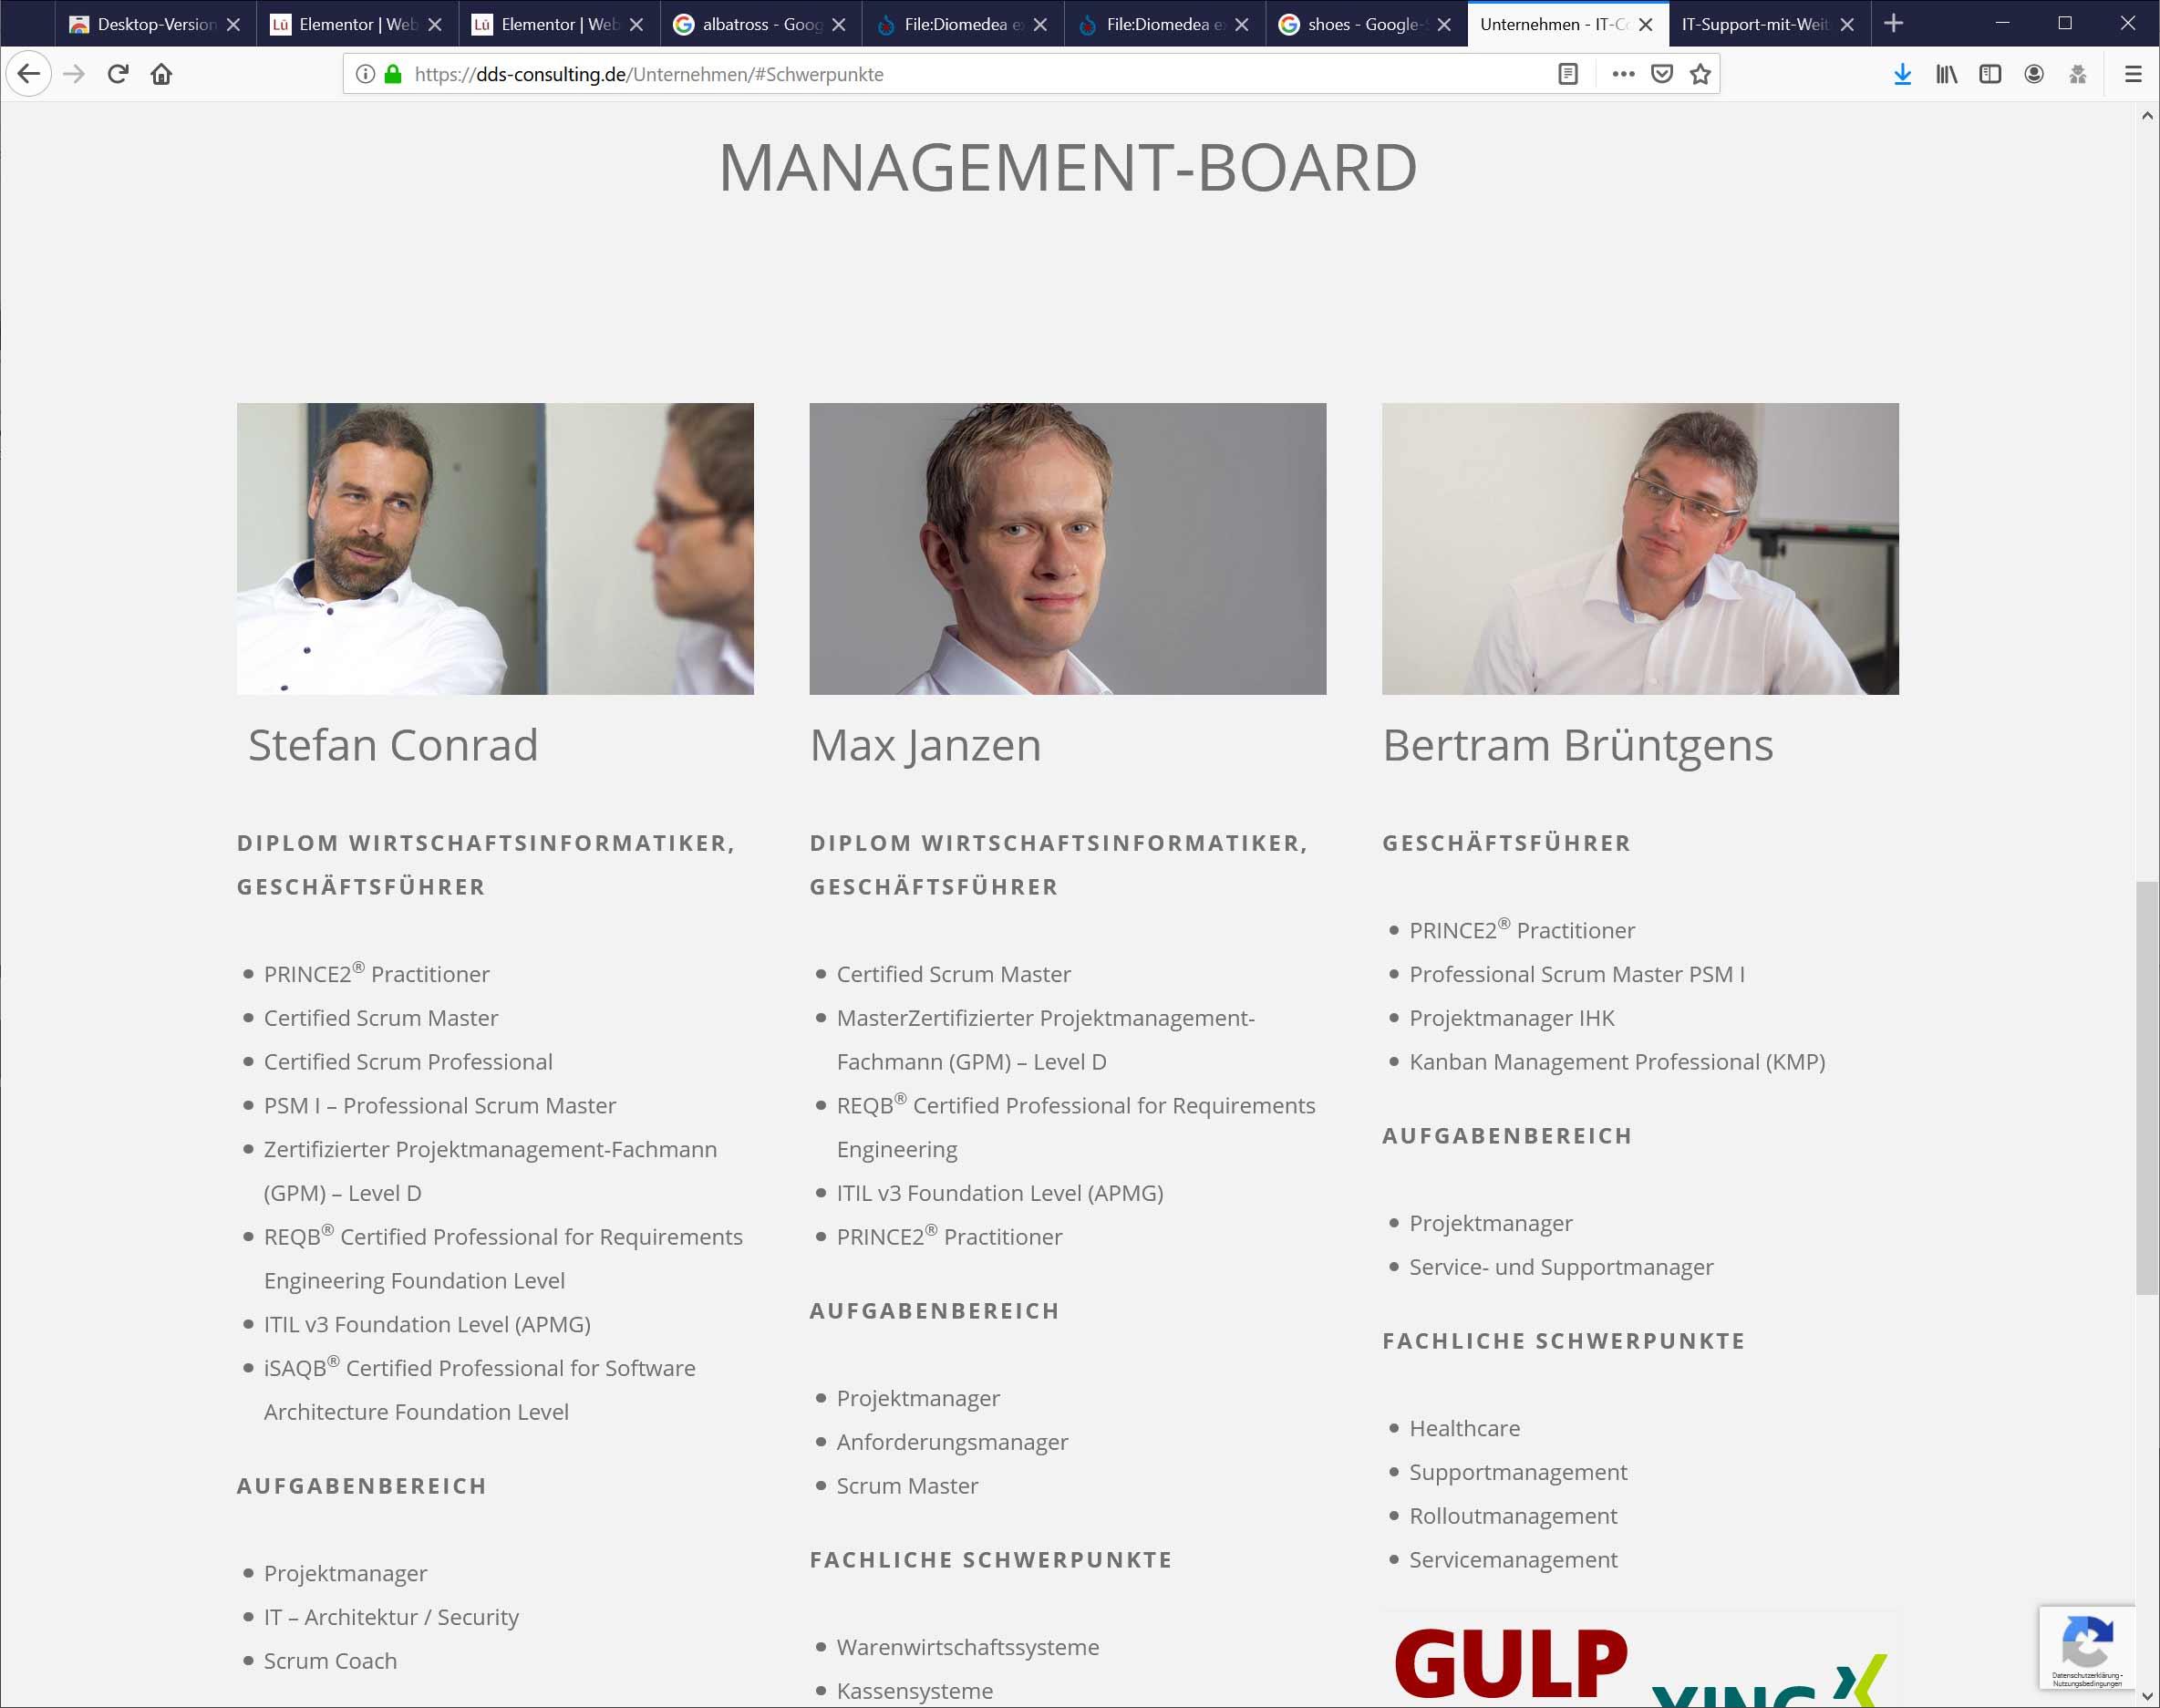 Bielefeld: Marken-Website der Markenagentur